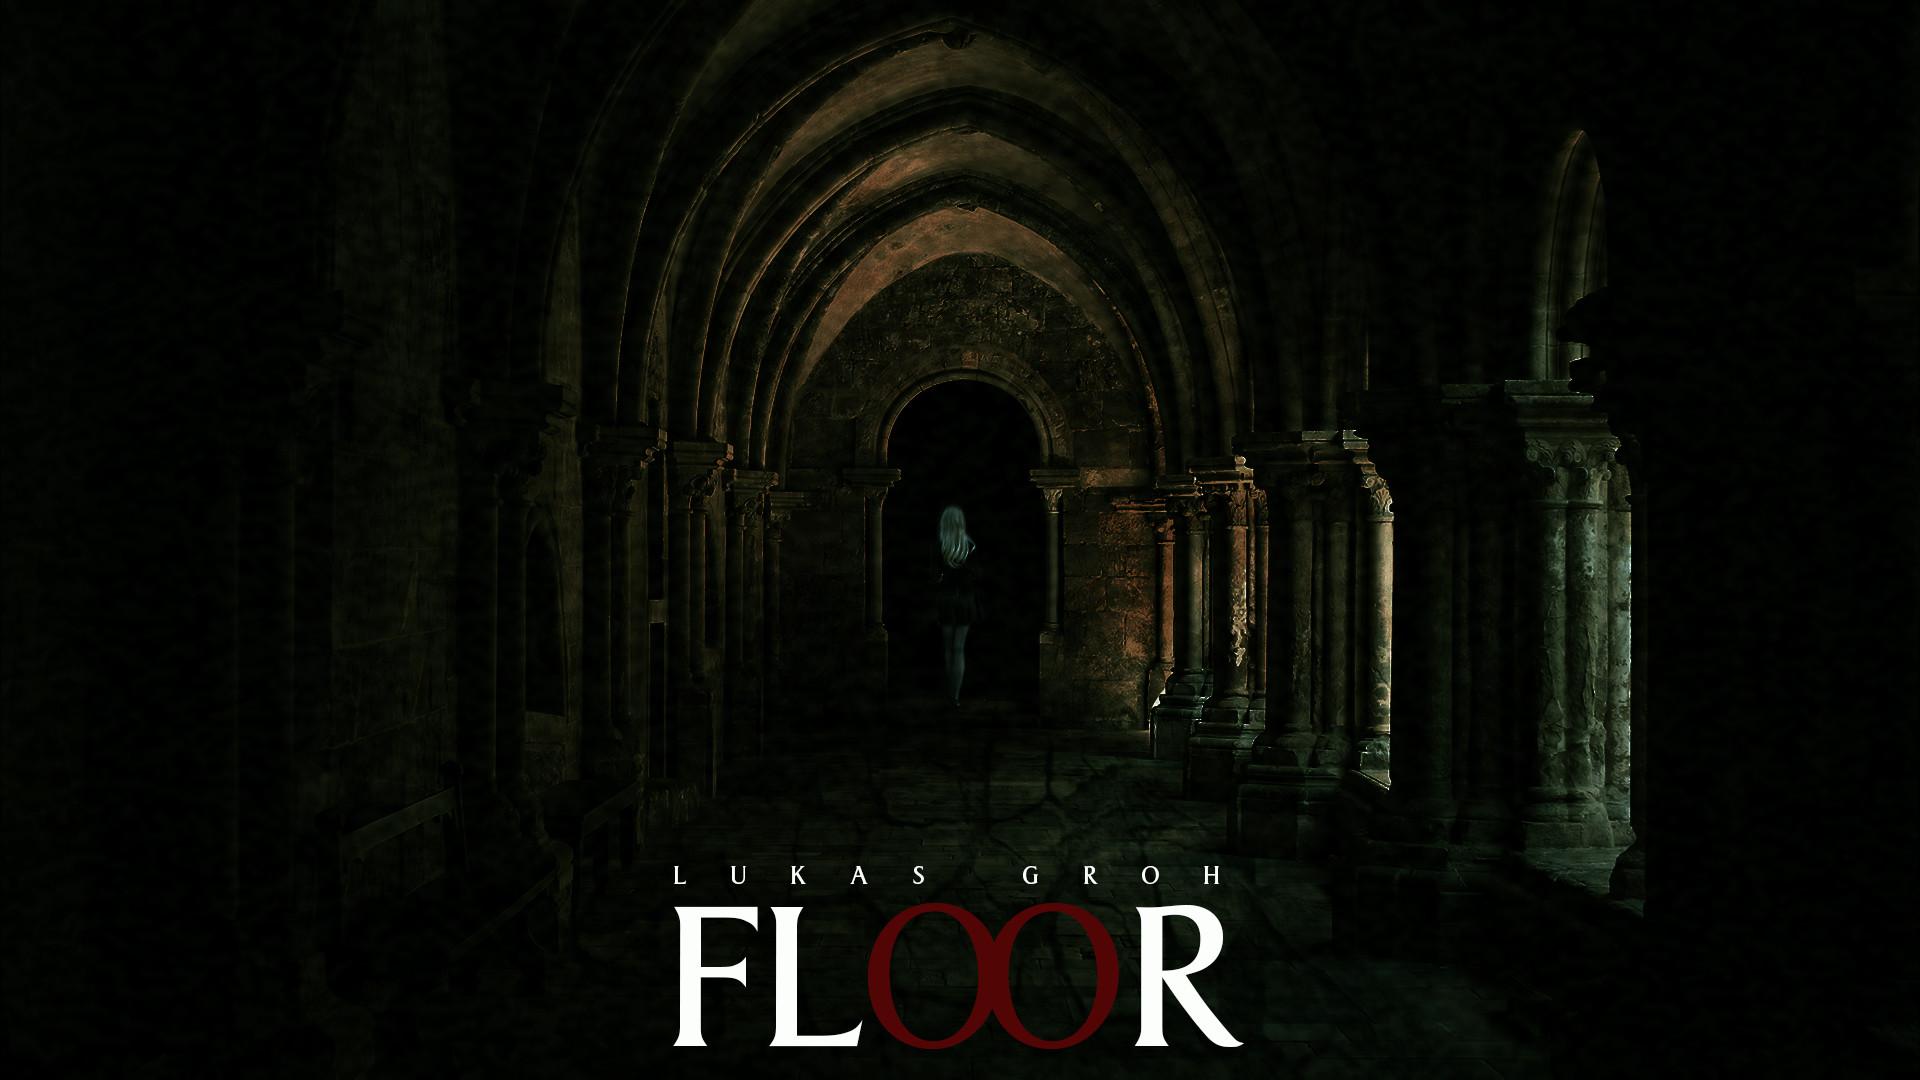 Lukas groh floor